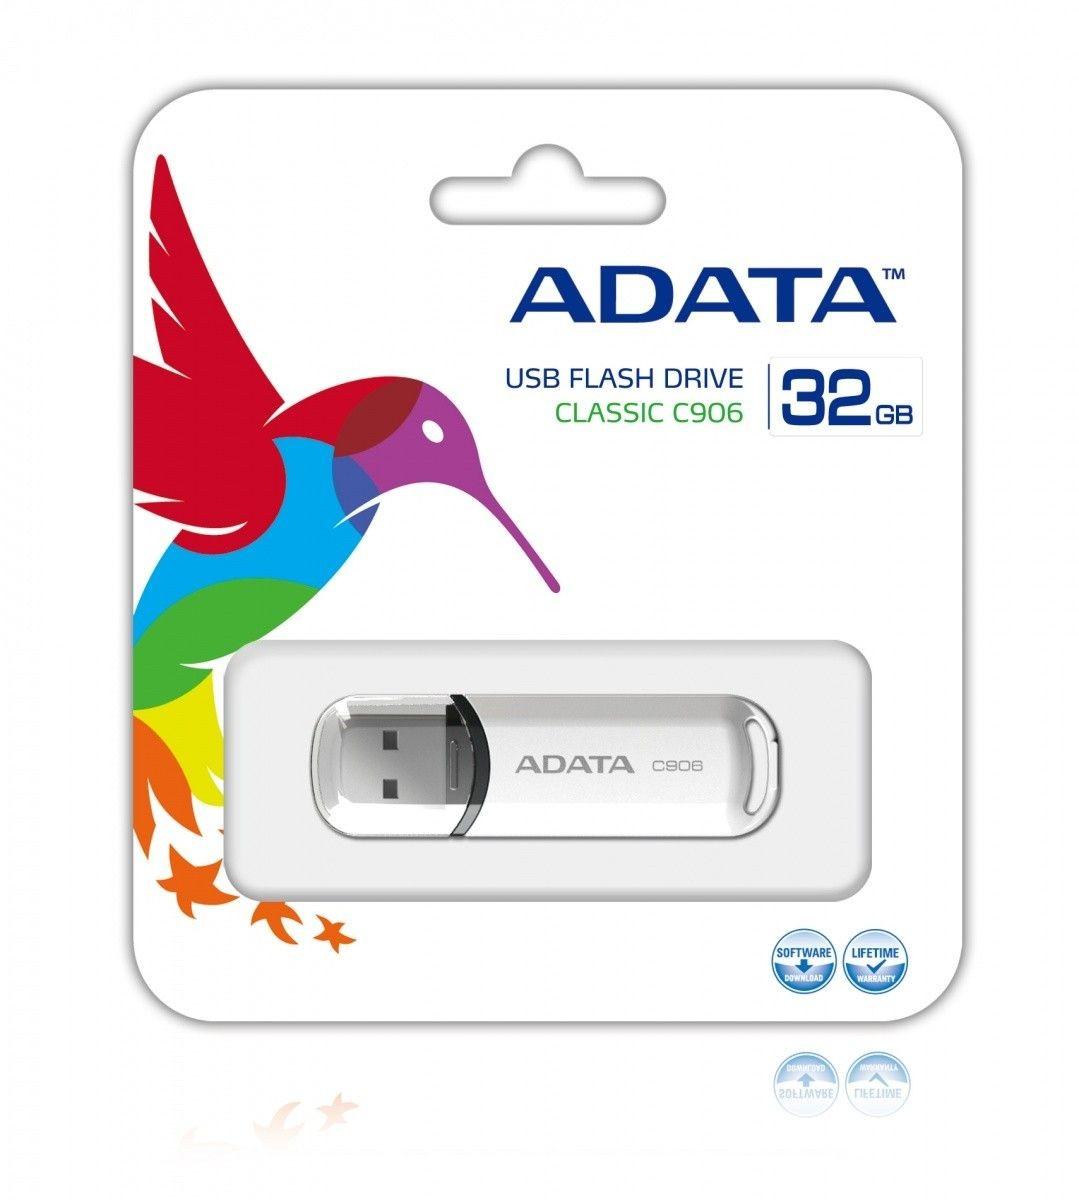 A-Data Adata pamięć USB C906 32GB USB 2.0 ( Biały )